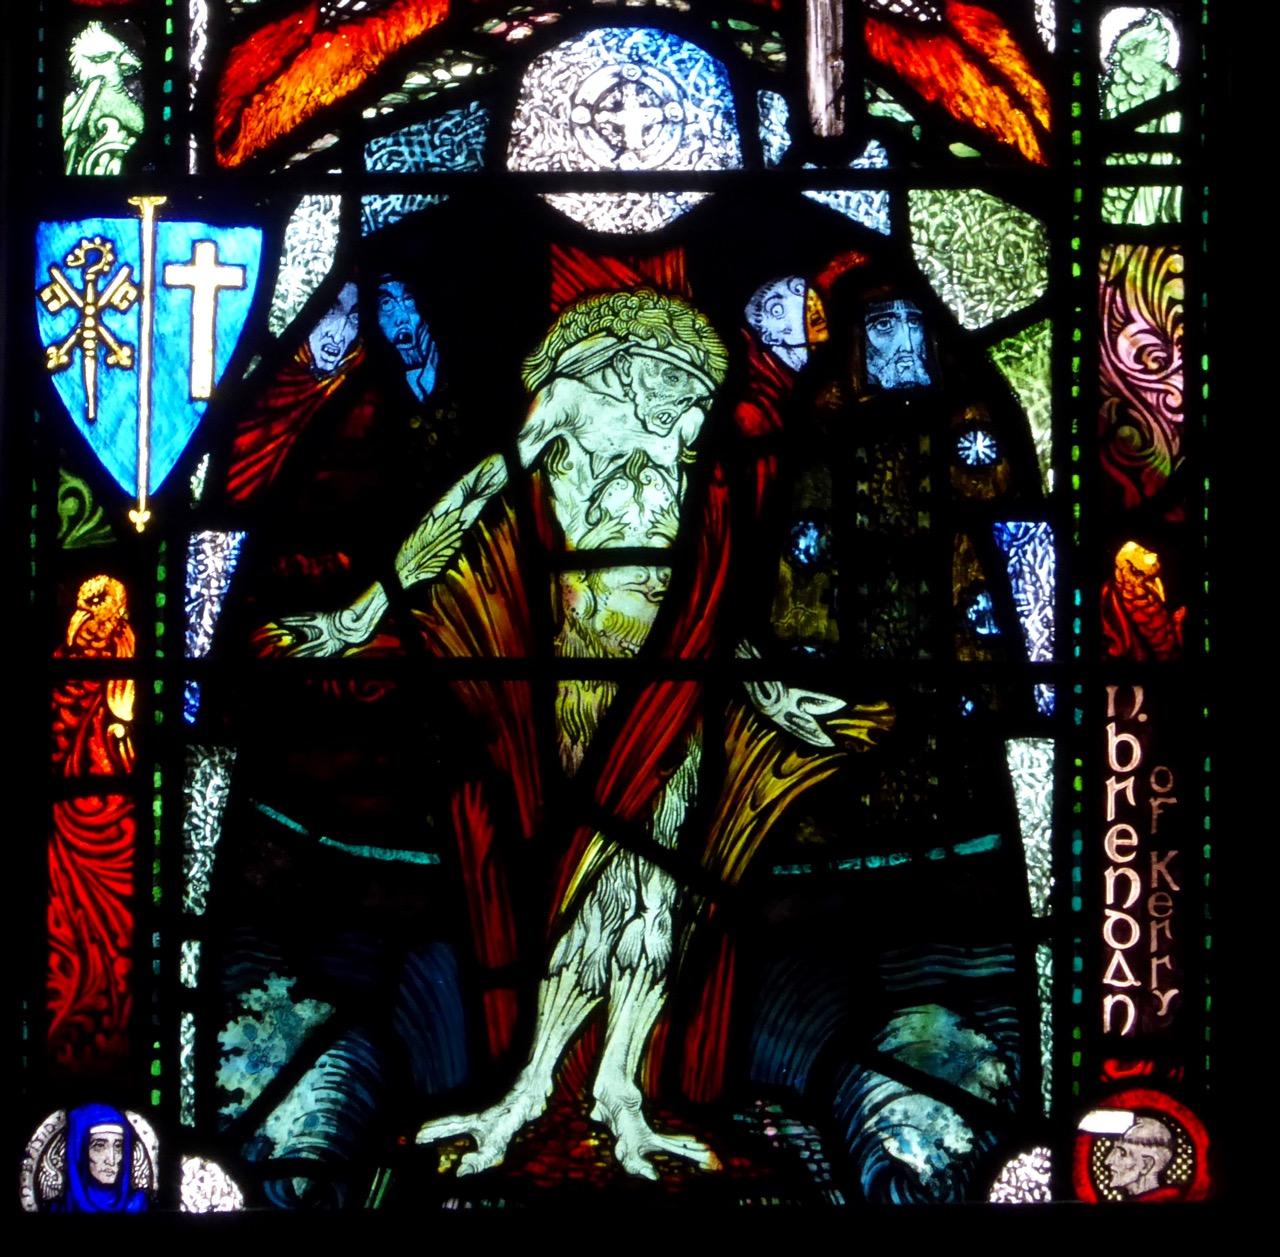 Honan Brendan and Judas